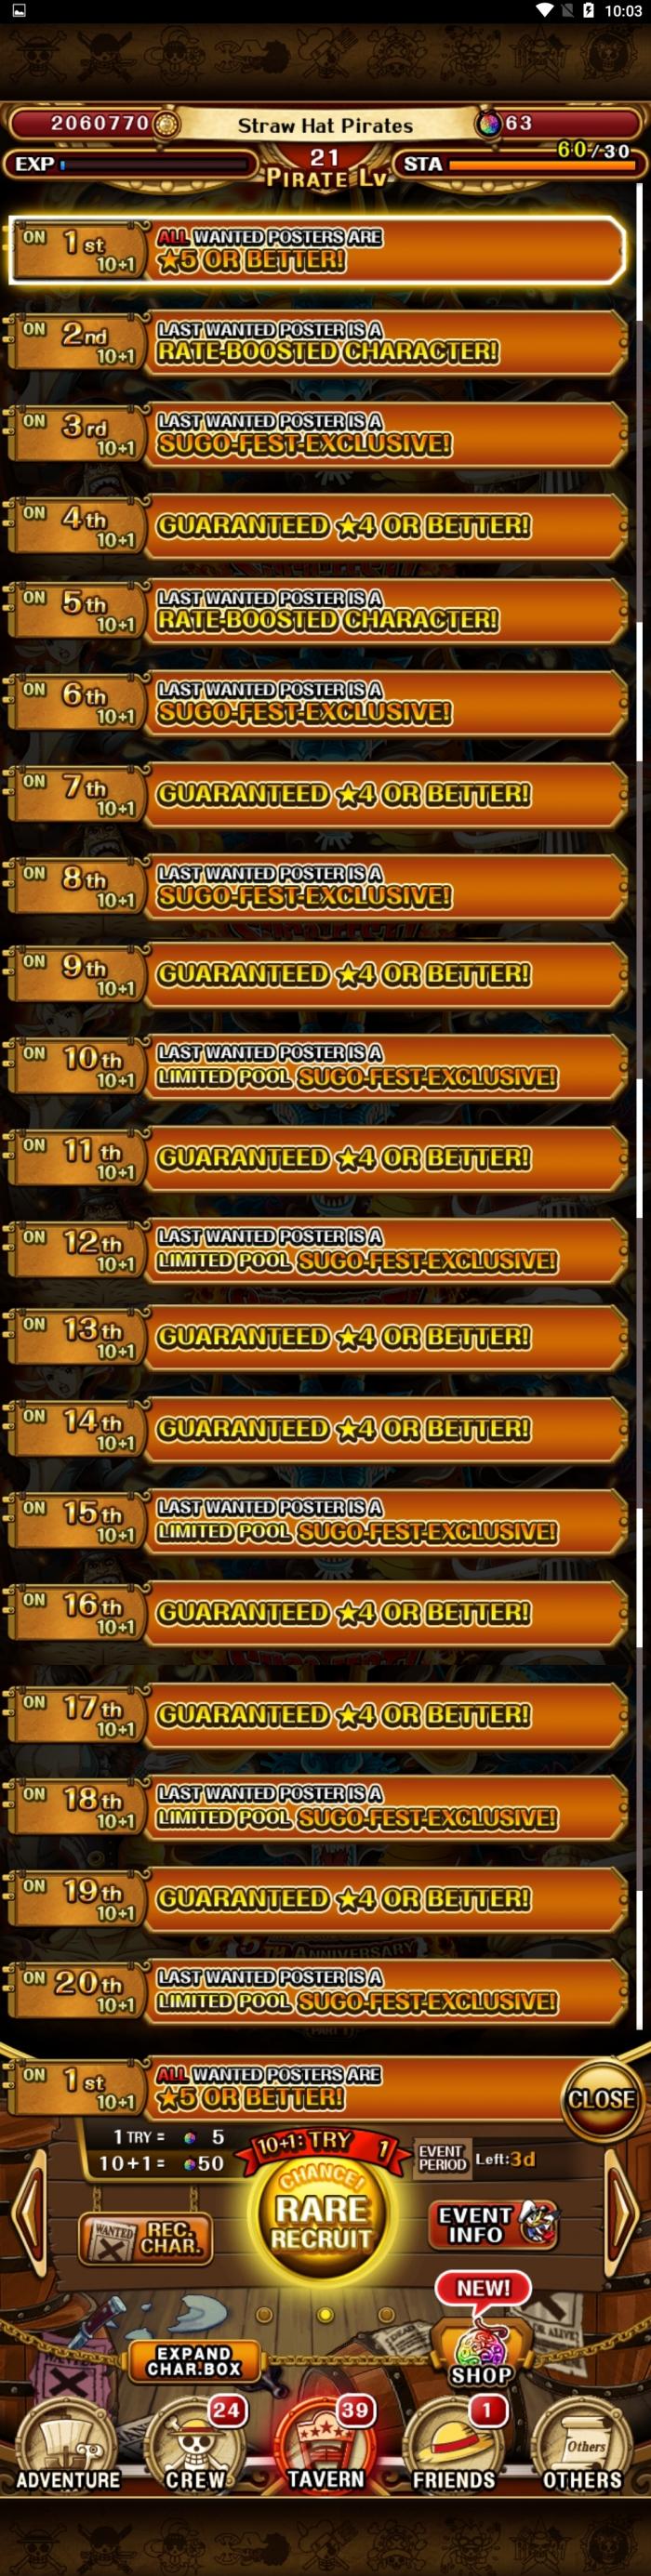 Screenshot_2020-02-25-22-03-52-crop-vert.jpg